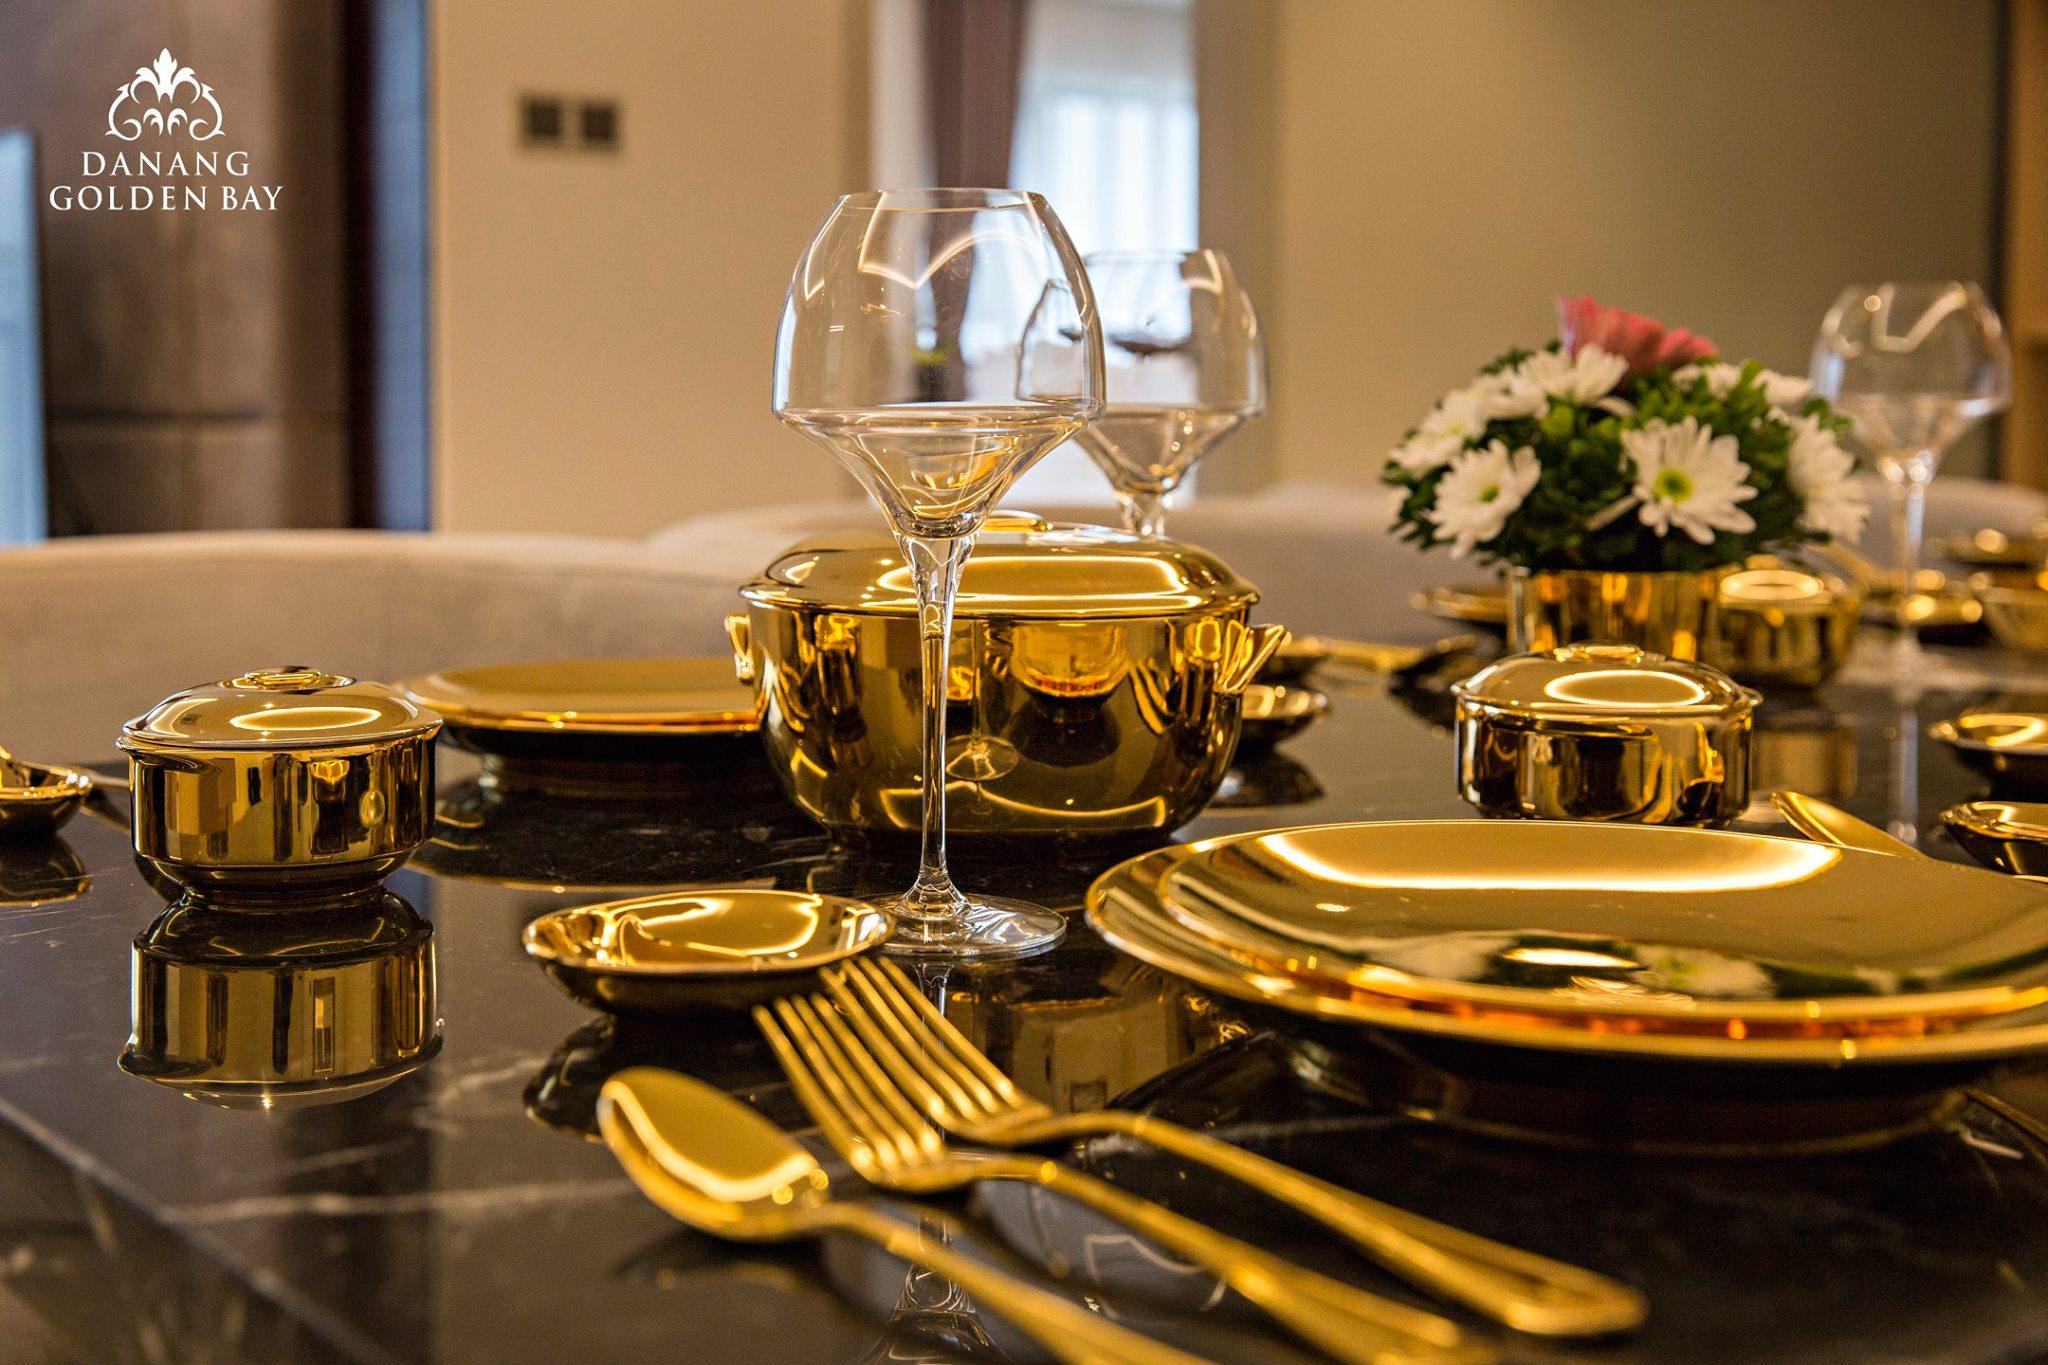 Bộ dụng cụ đồ ăn dát vàng tại khách sạn Dannang Golden Bay.